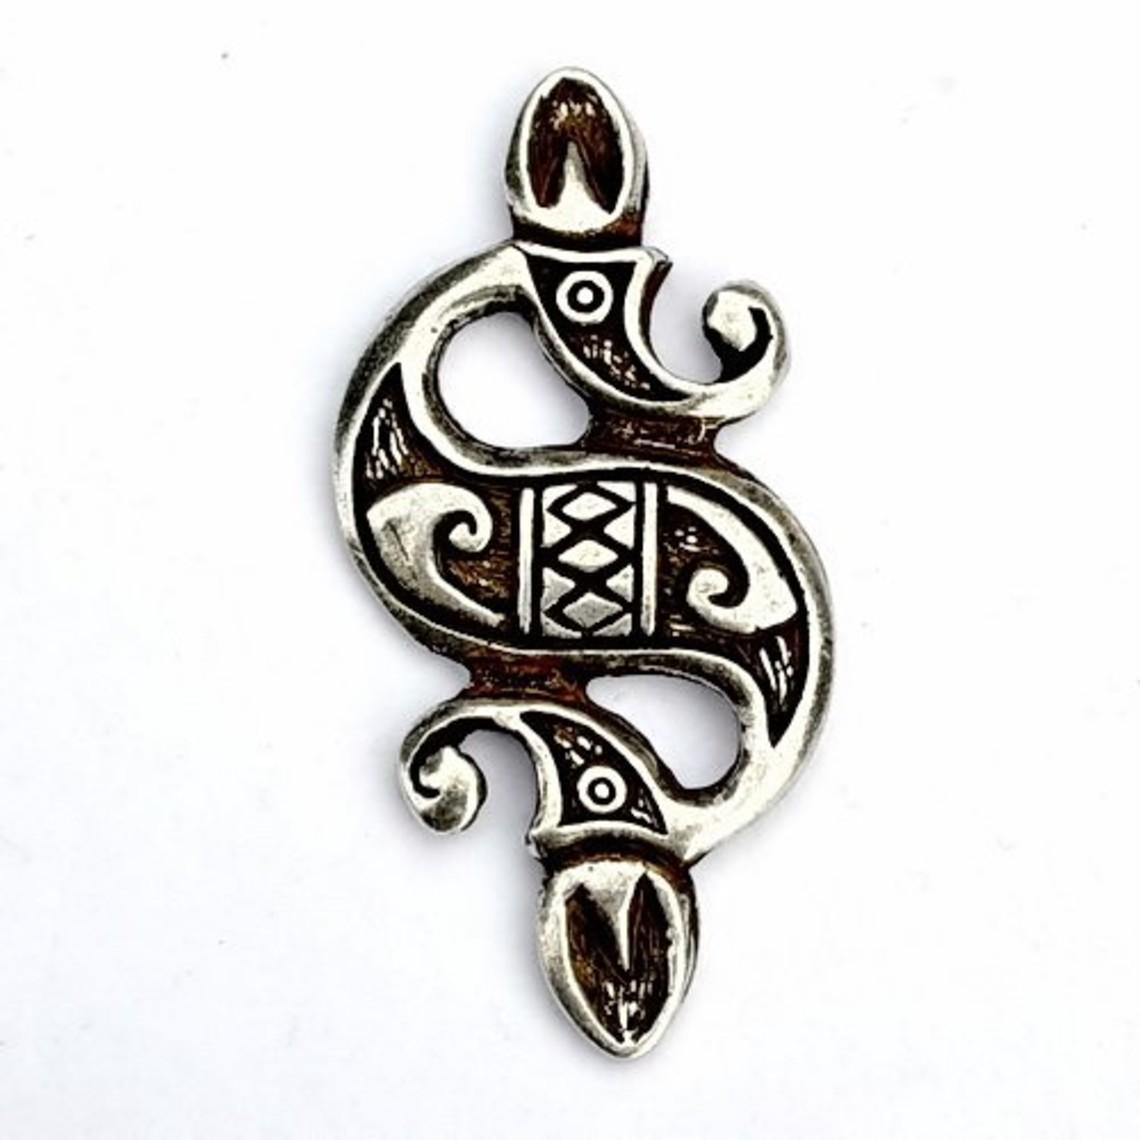 Keltische zeepaardhanger, verzilverd